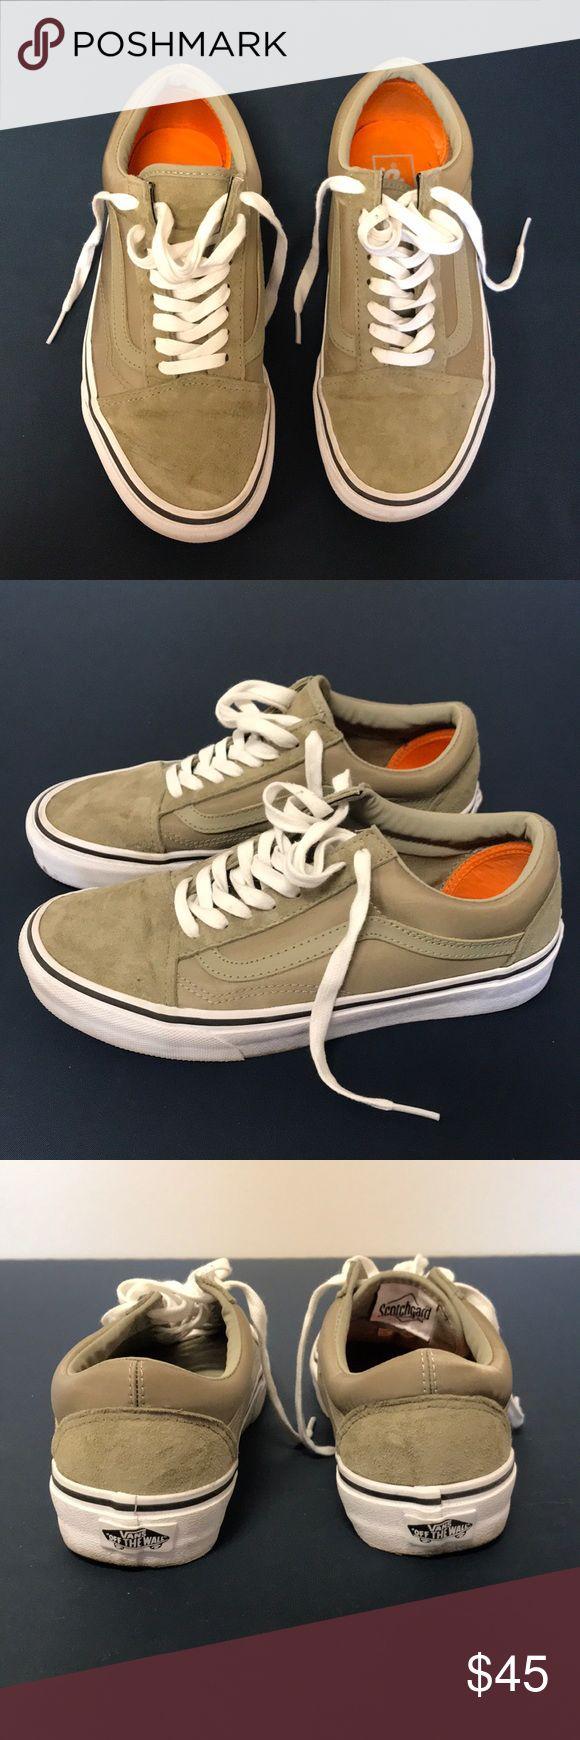 Army Green Scotchgard Old Skool Vans Water resistant. Worn twice. Vans Shoes Sneakers